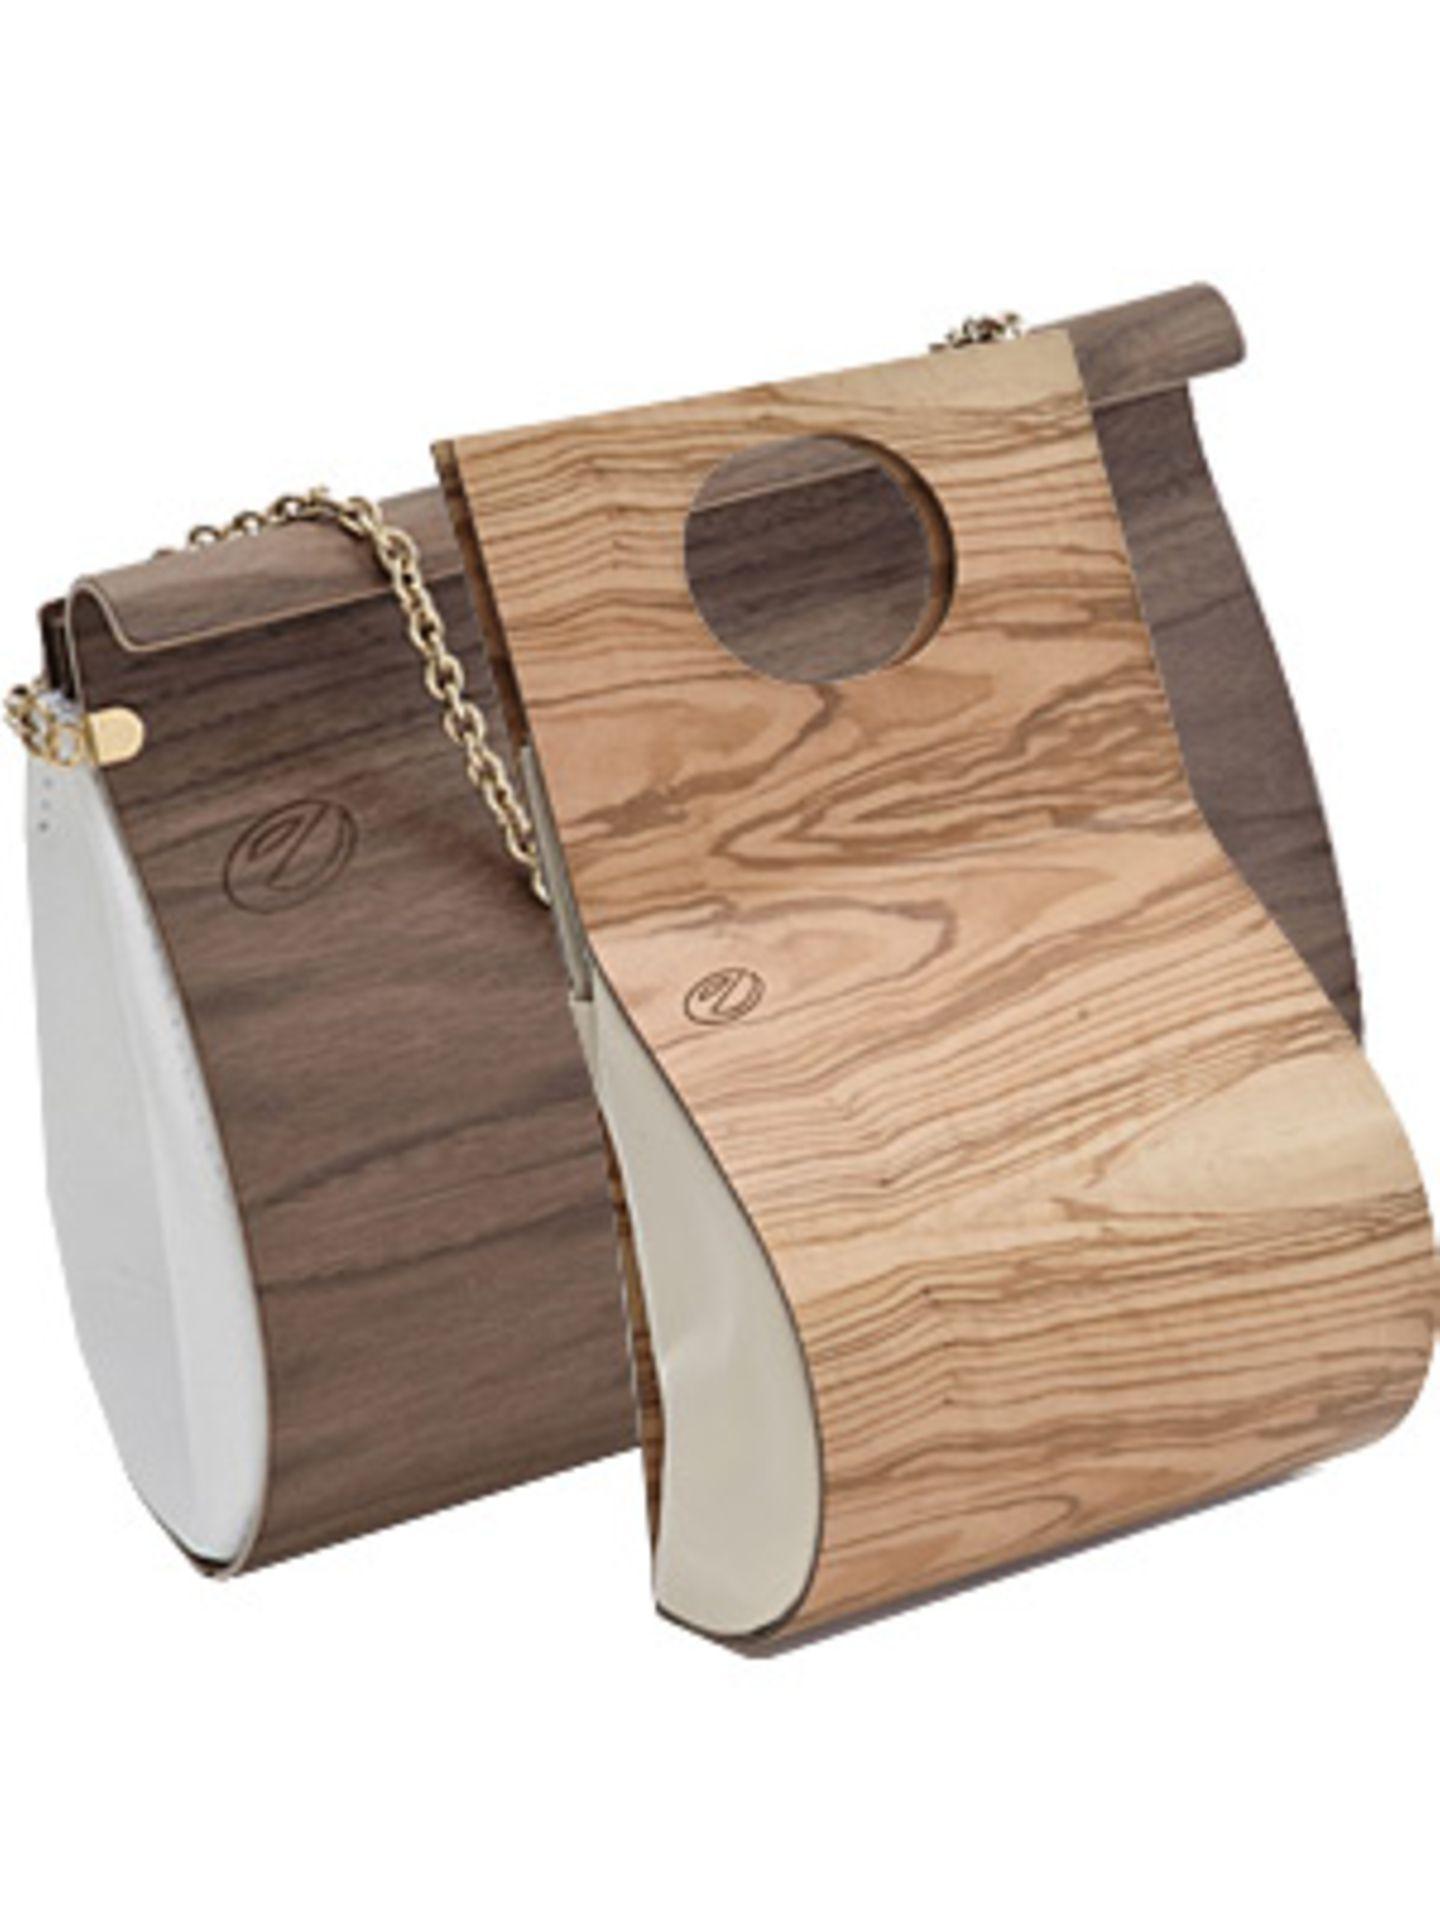 Ein Must-Have für alle, die keine modischen Holzköpfe sind: Embawo macht Taschen aus Holz. Nicht etwa schwere, unhandliche Klopper, sondern filigrane Designerstücke, die so auch im Museum stehen könnten. Die Taschen werden aus verleimtem Furnierholz hergestellt. Die spezielle Verleimungstechnik ermöglicht, das Holz beliebig zu verformen. Embawo verzichtet dabei ganz und gar auf Tropenhölzer. Die Taschen werden aus europäischen Holzarten wie Nuss-, Ahorn- oder Olivenbaumholz gefertigt. Individualität hat seinen Preis: Die Taschen kosten um 180 bis 490 Euro.